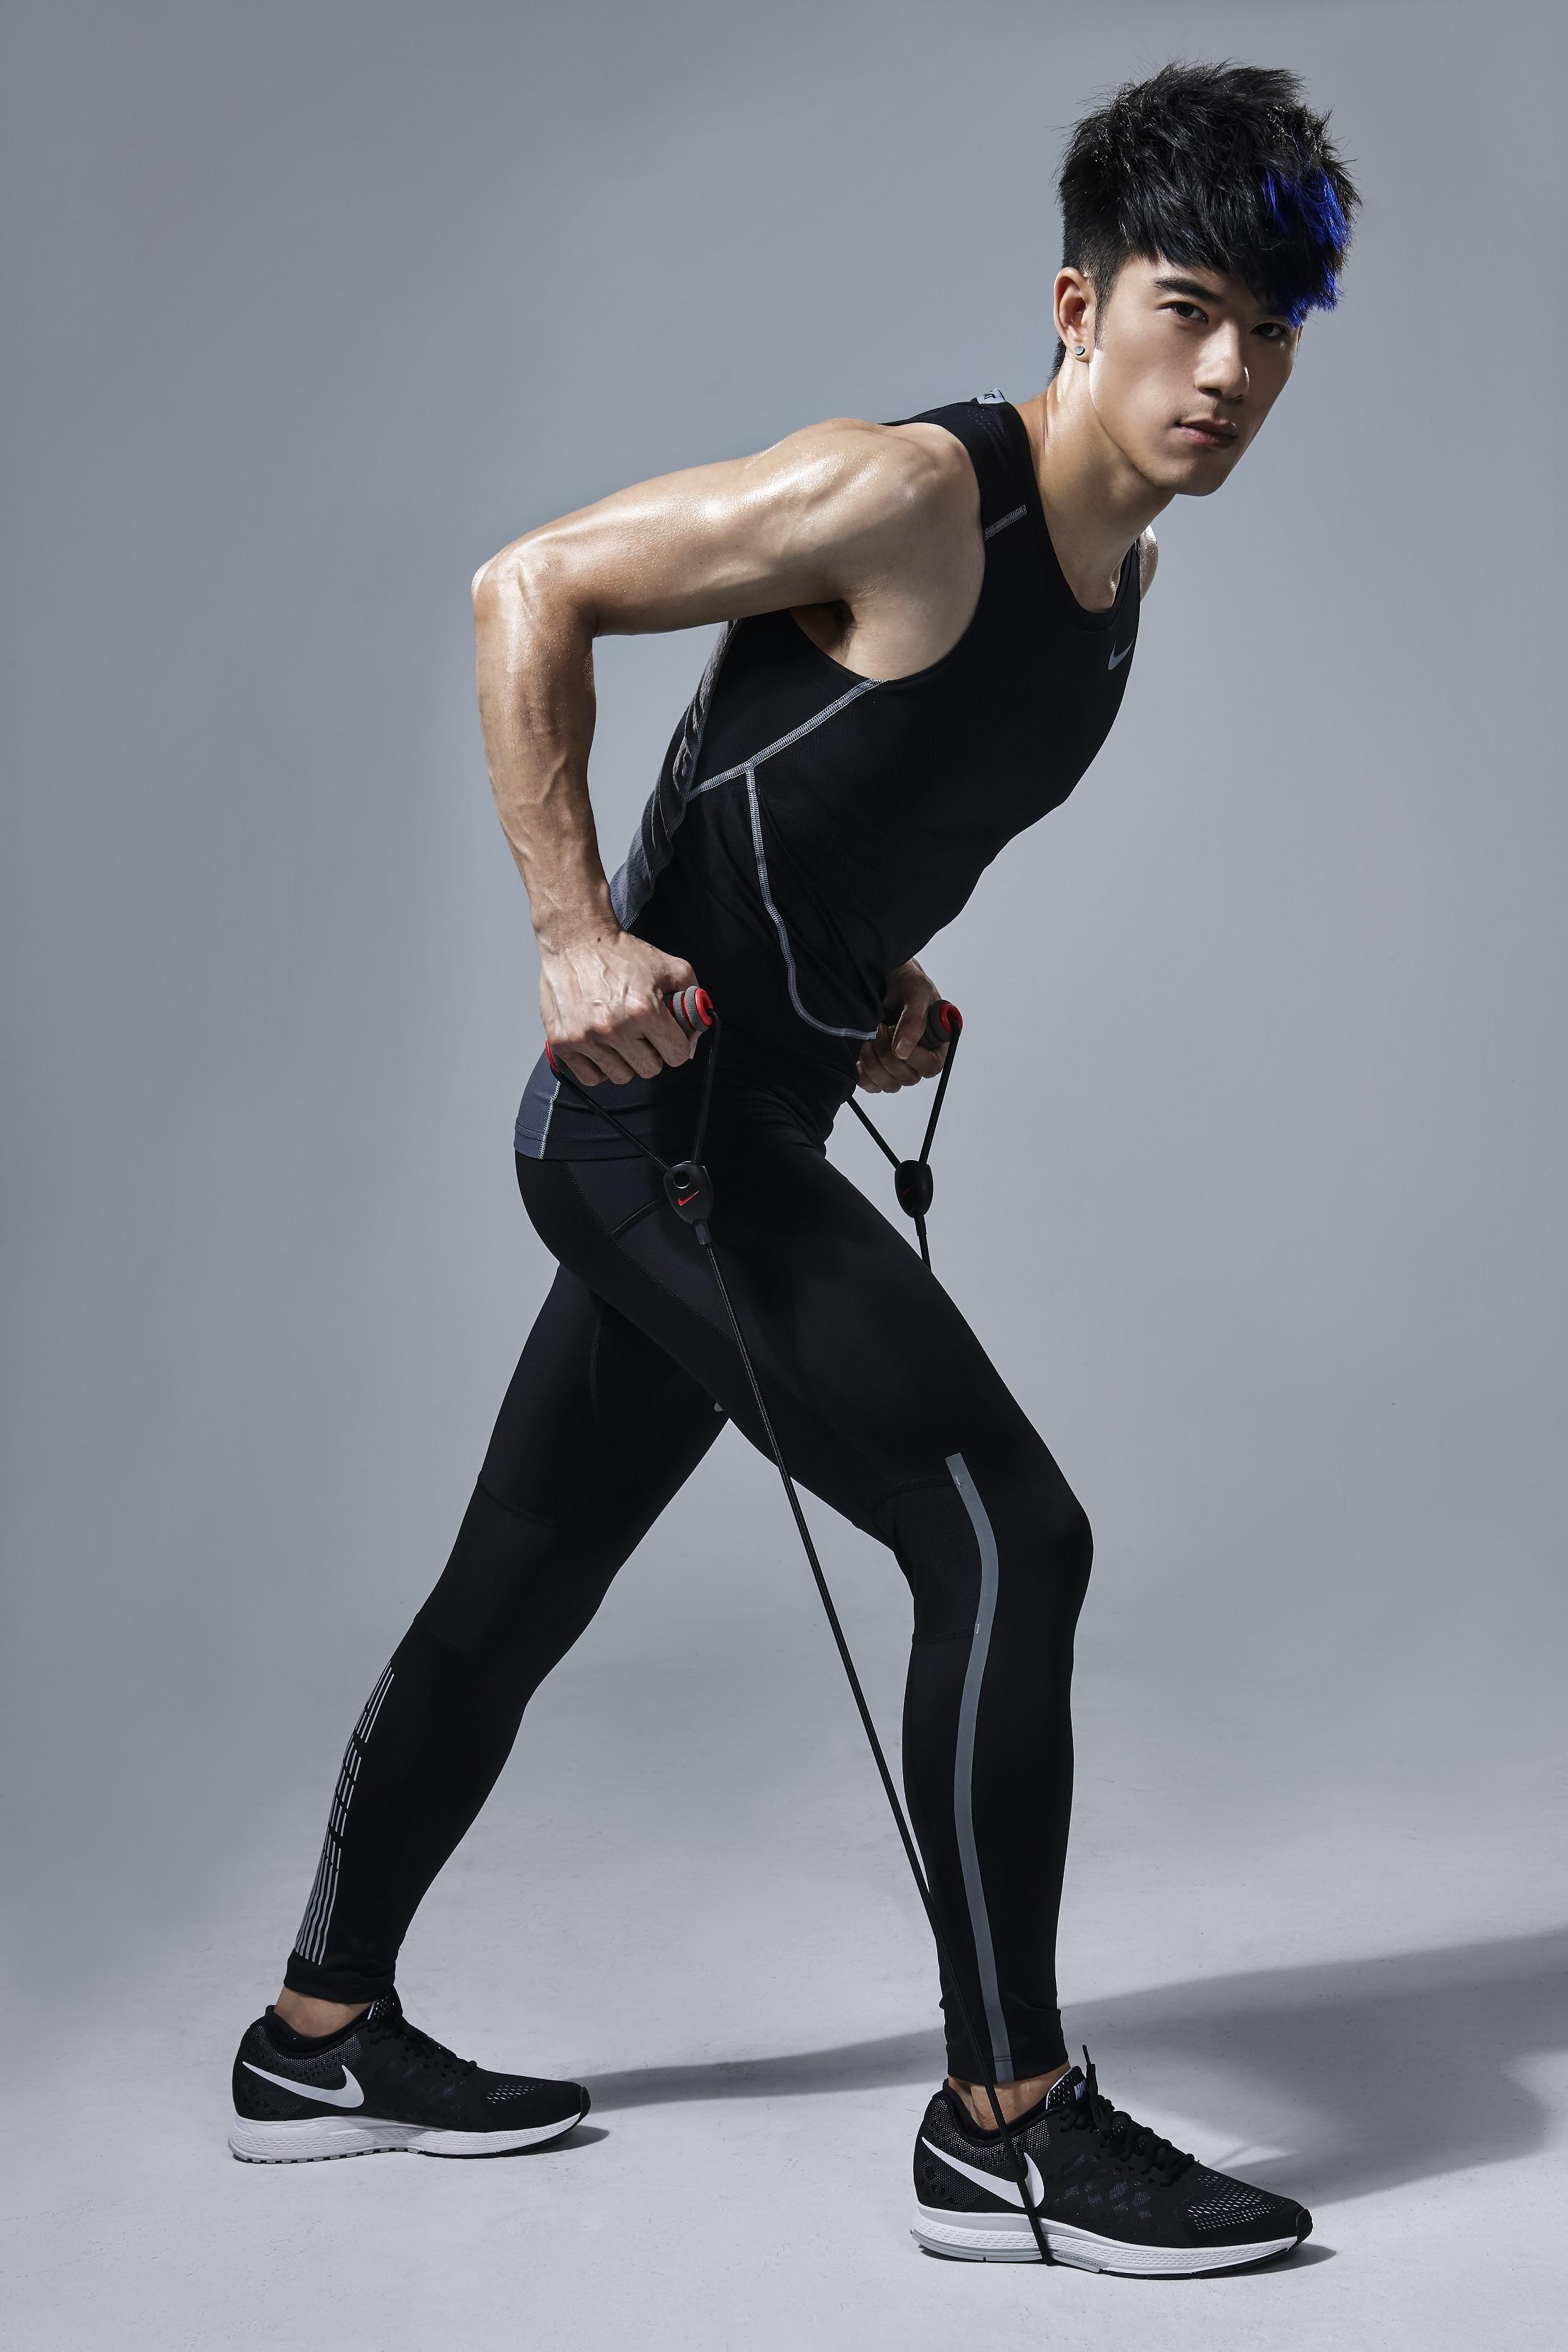 【明星搜查線】展現運動率性與時尚 紀言愷關鍵髮型更顯活力